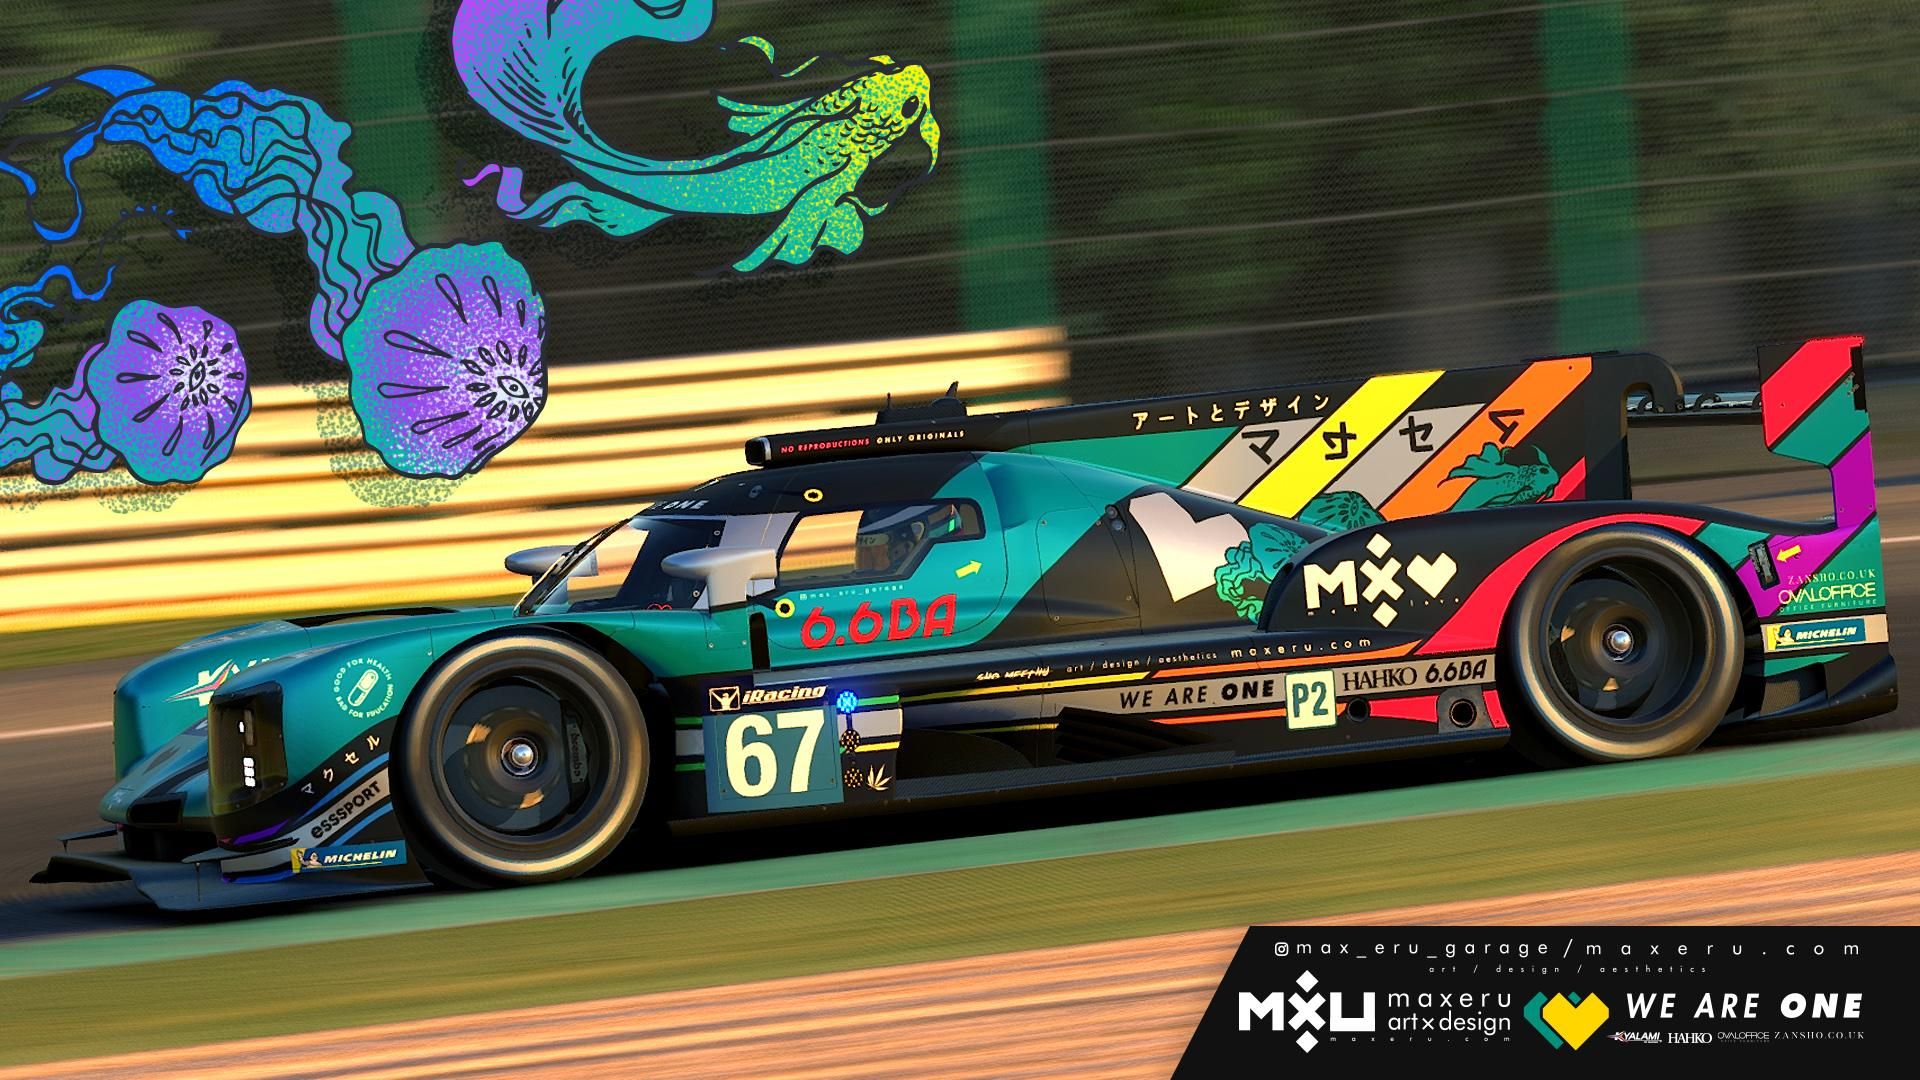 Preview of MXU Emerald - Dallara P217 LMP2 by Bryce L.